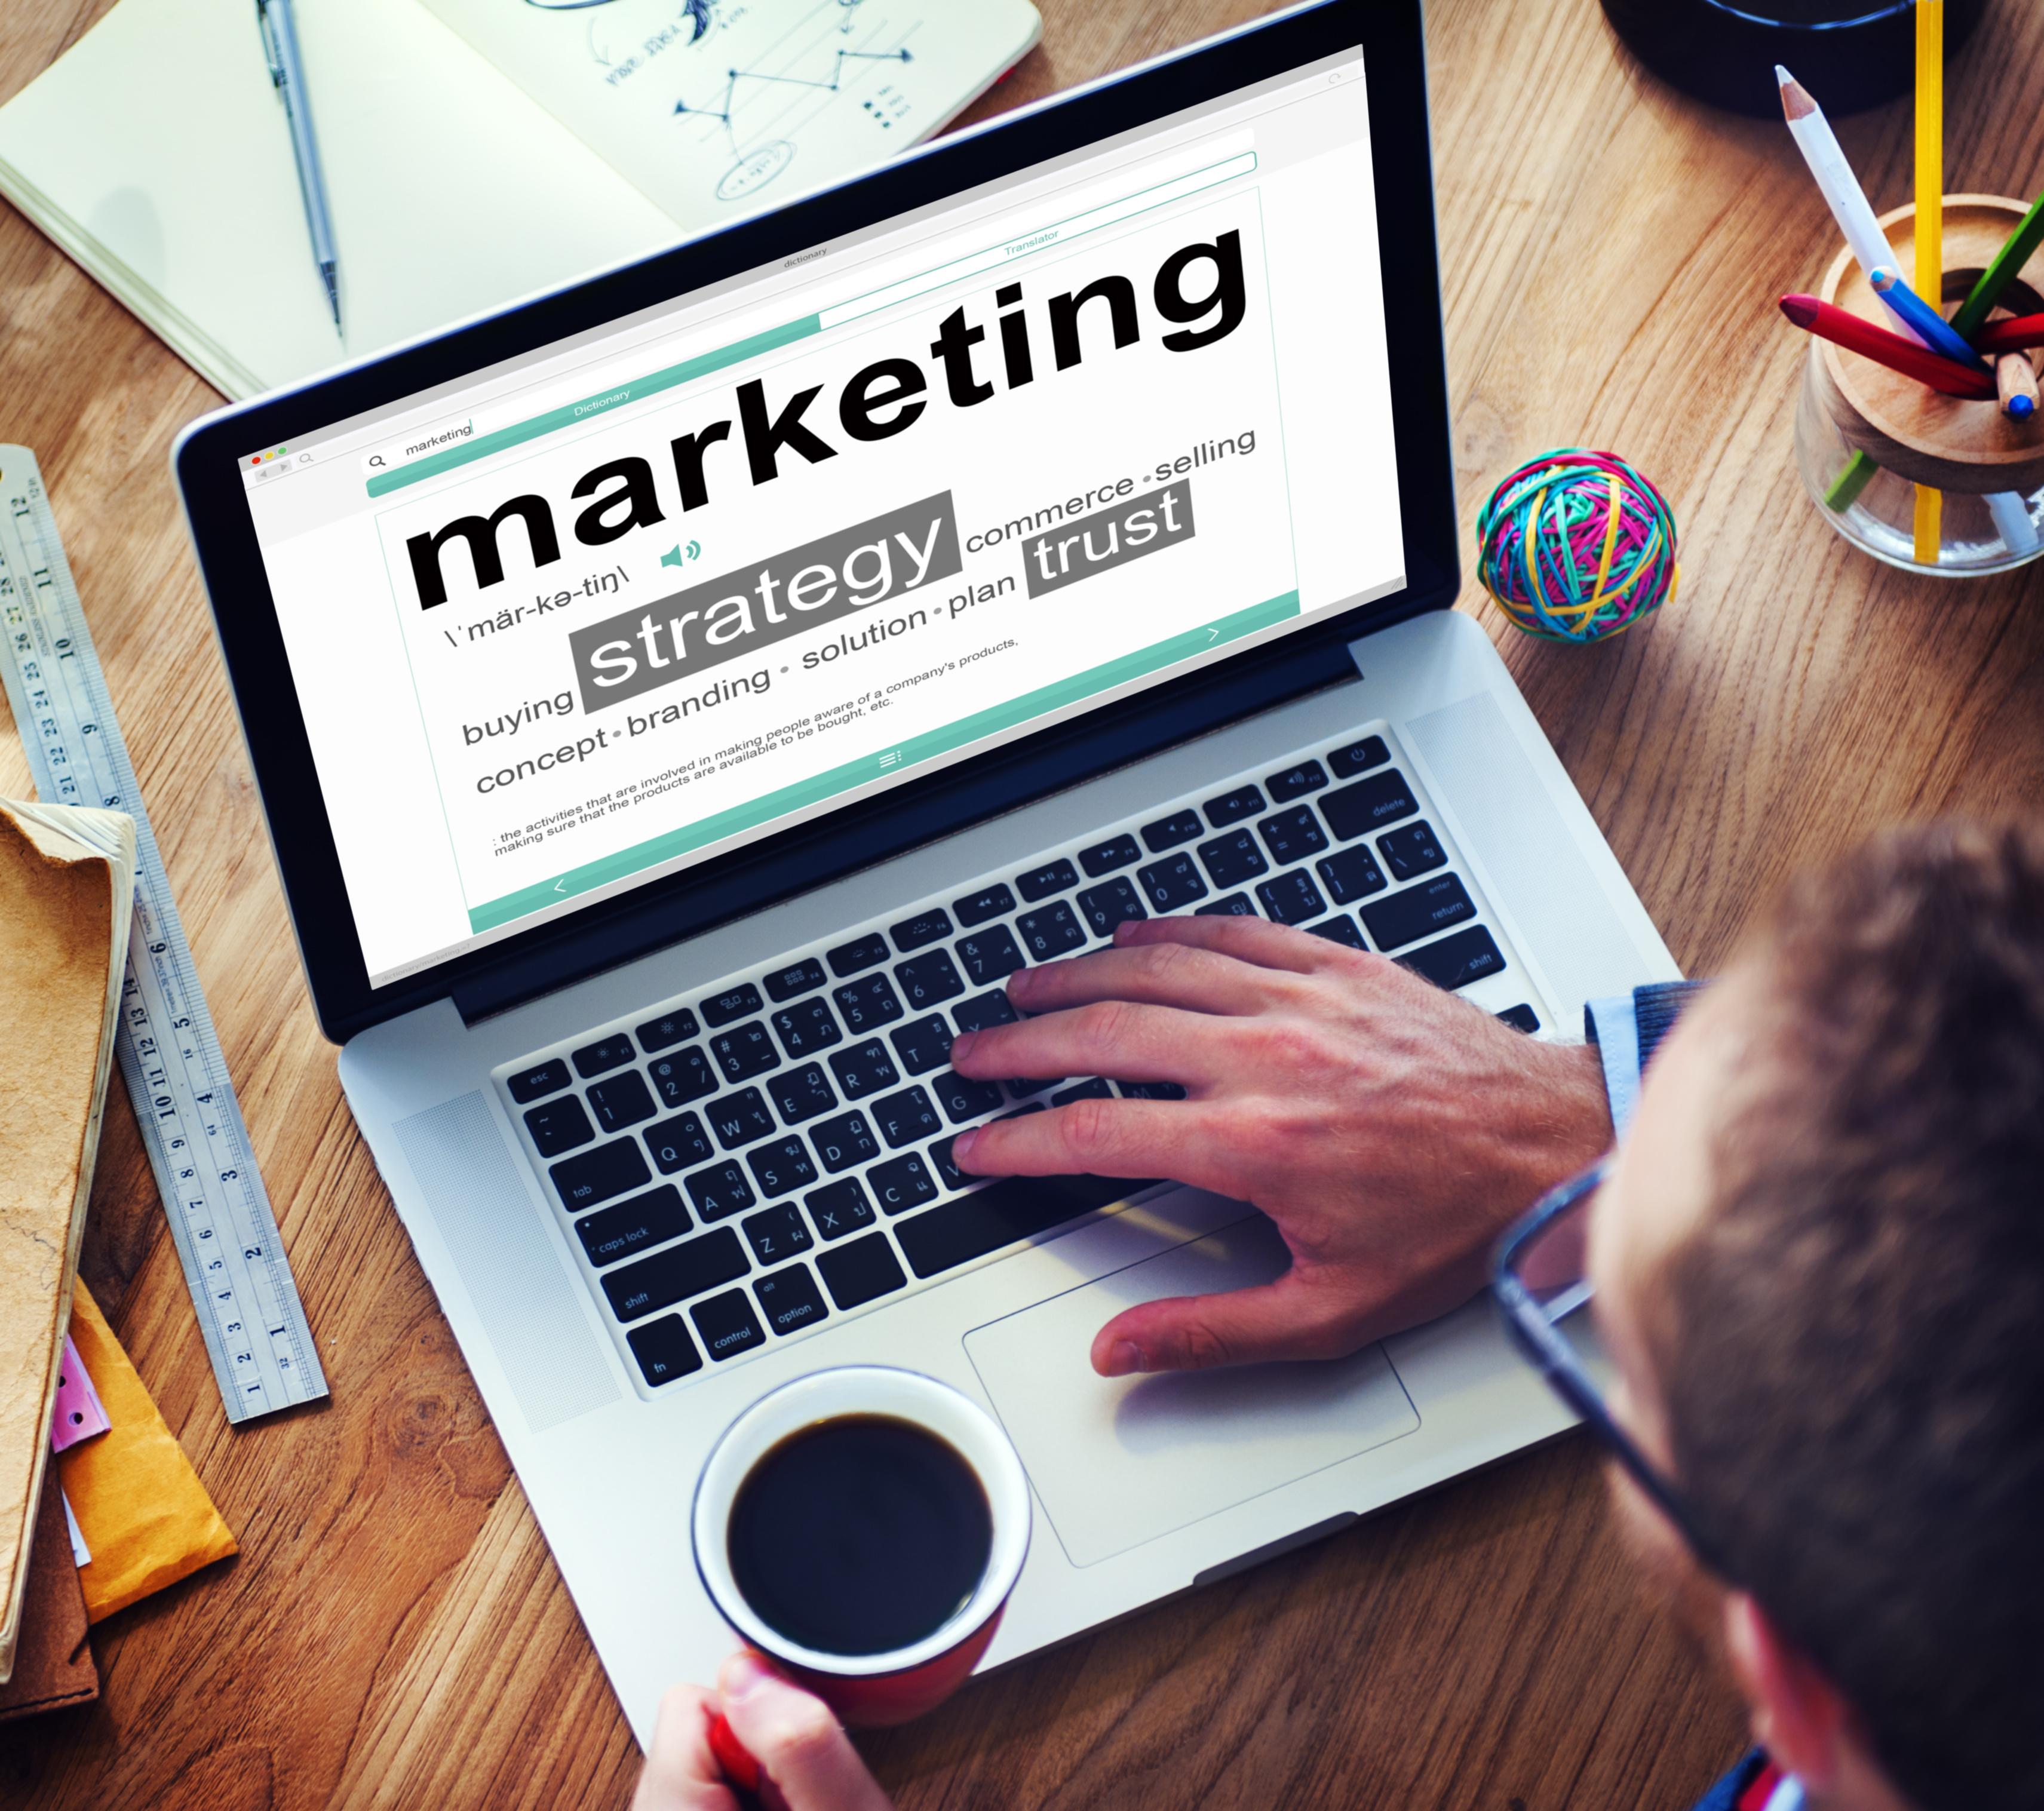 Marketing de Conteúdo e Inbound Marketing são muito importantes para captação de clientes na atualidade